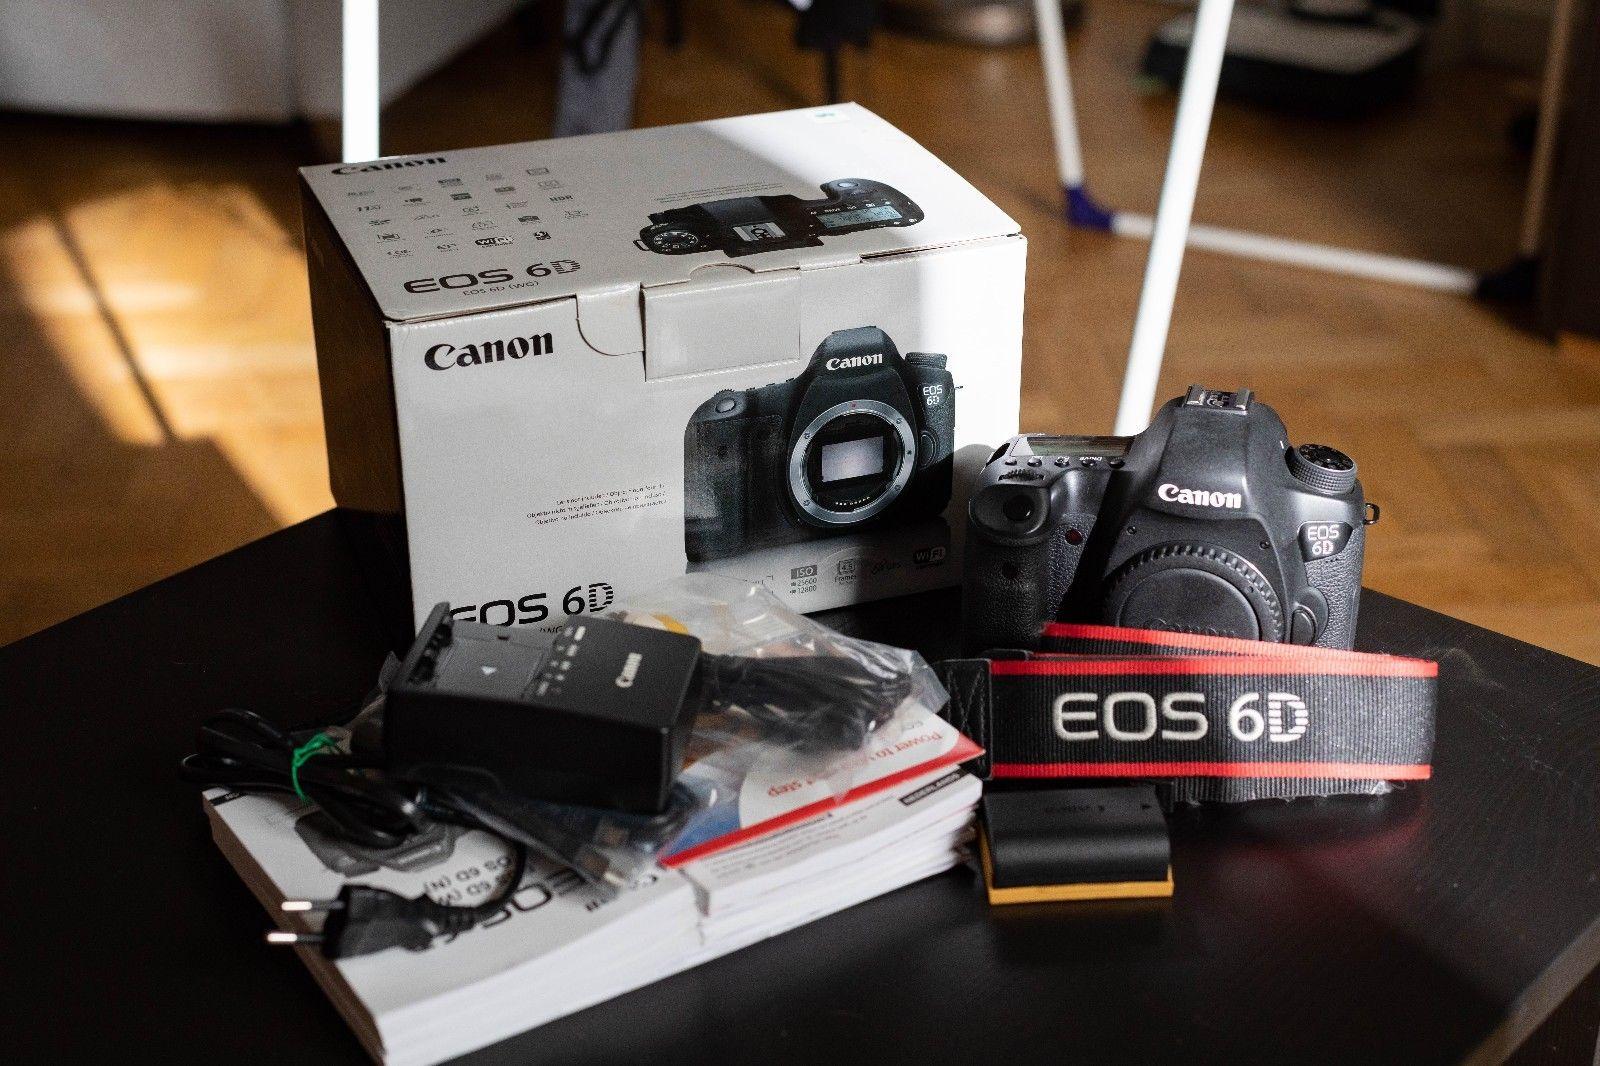 Canon EOS 6D 20,2 MP Full Frame DSLR - Schwarz (Gehäuse) - OVP